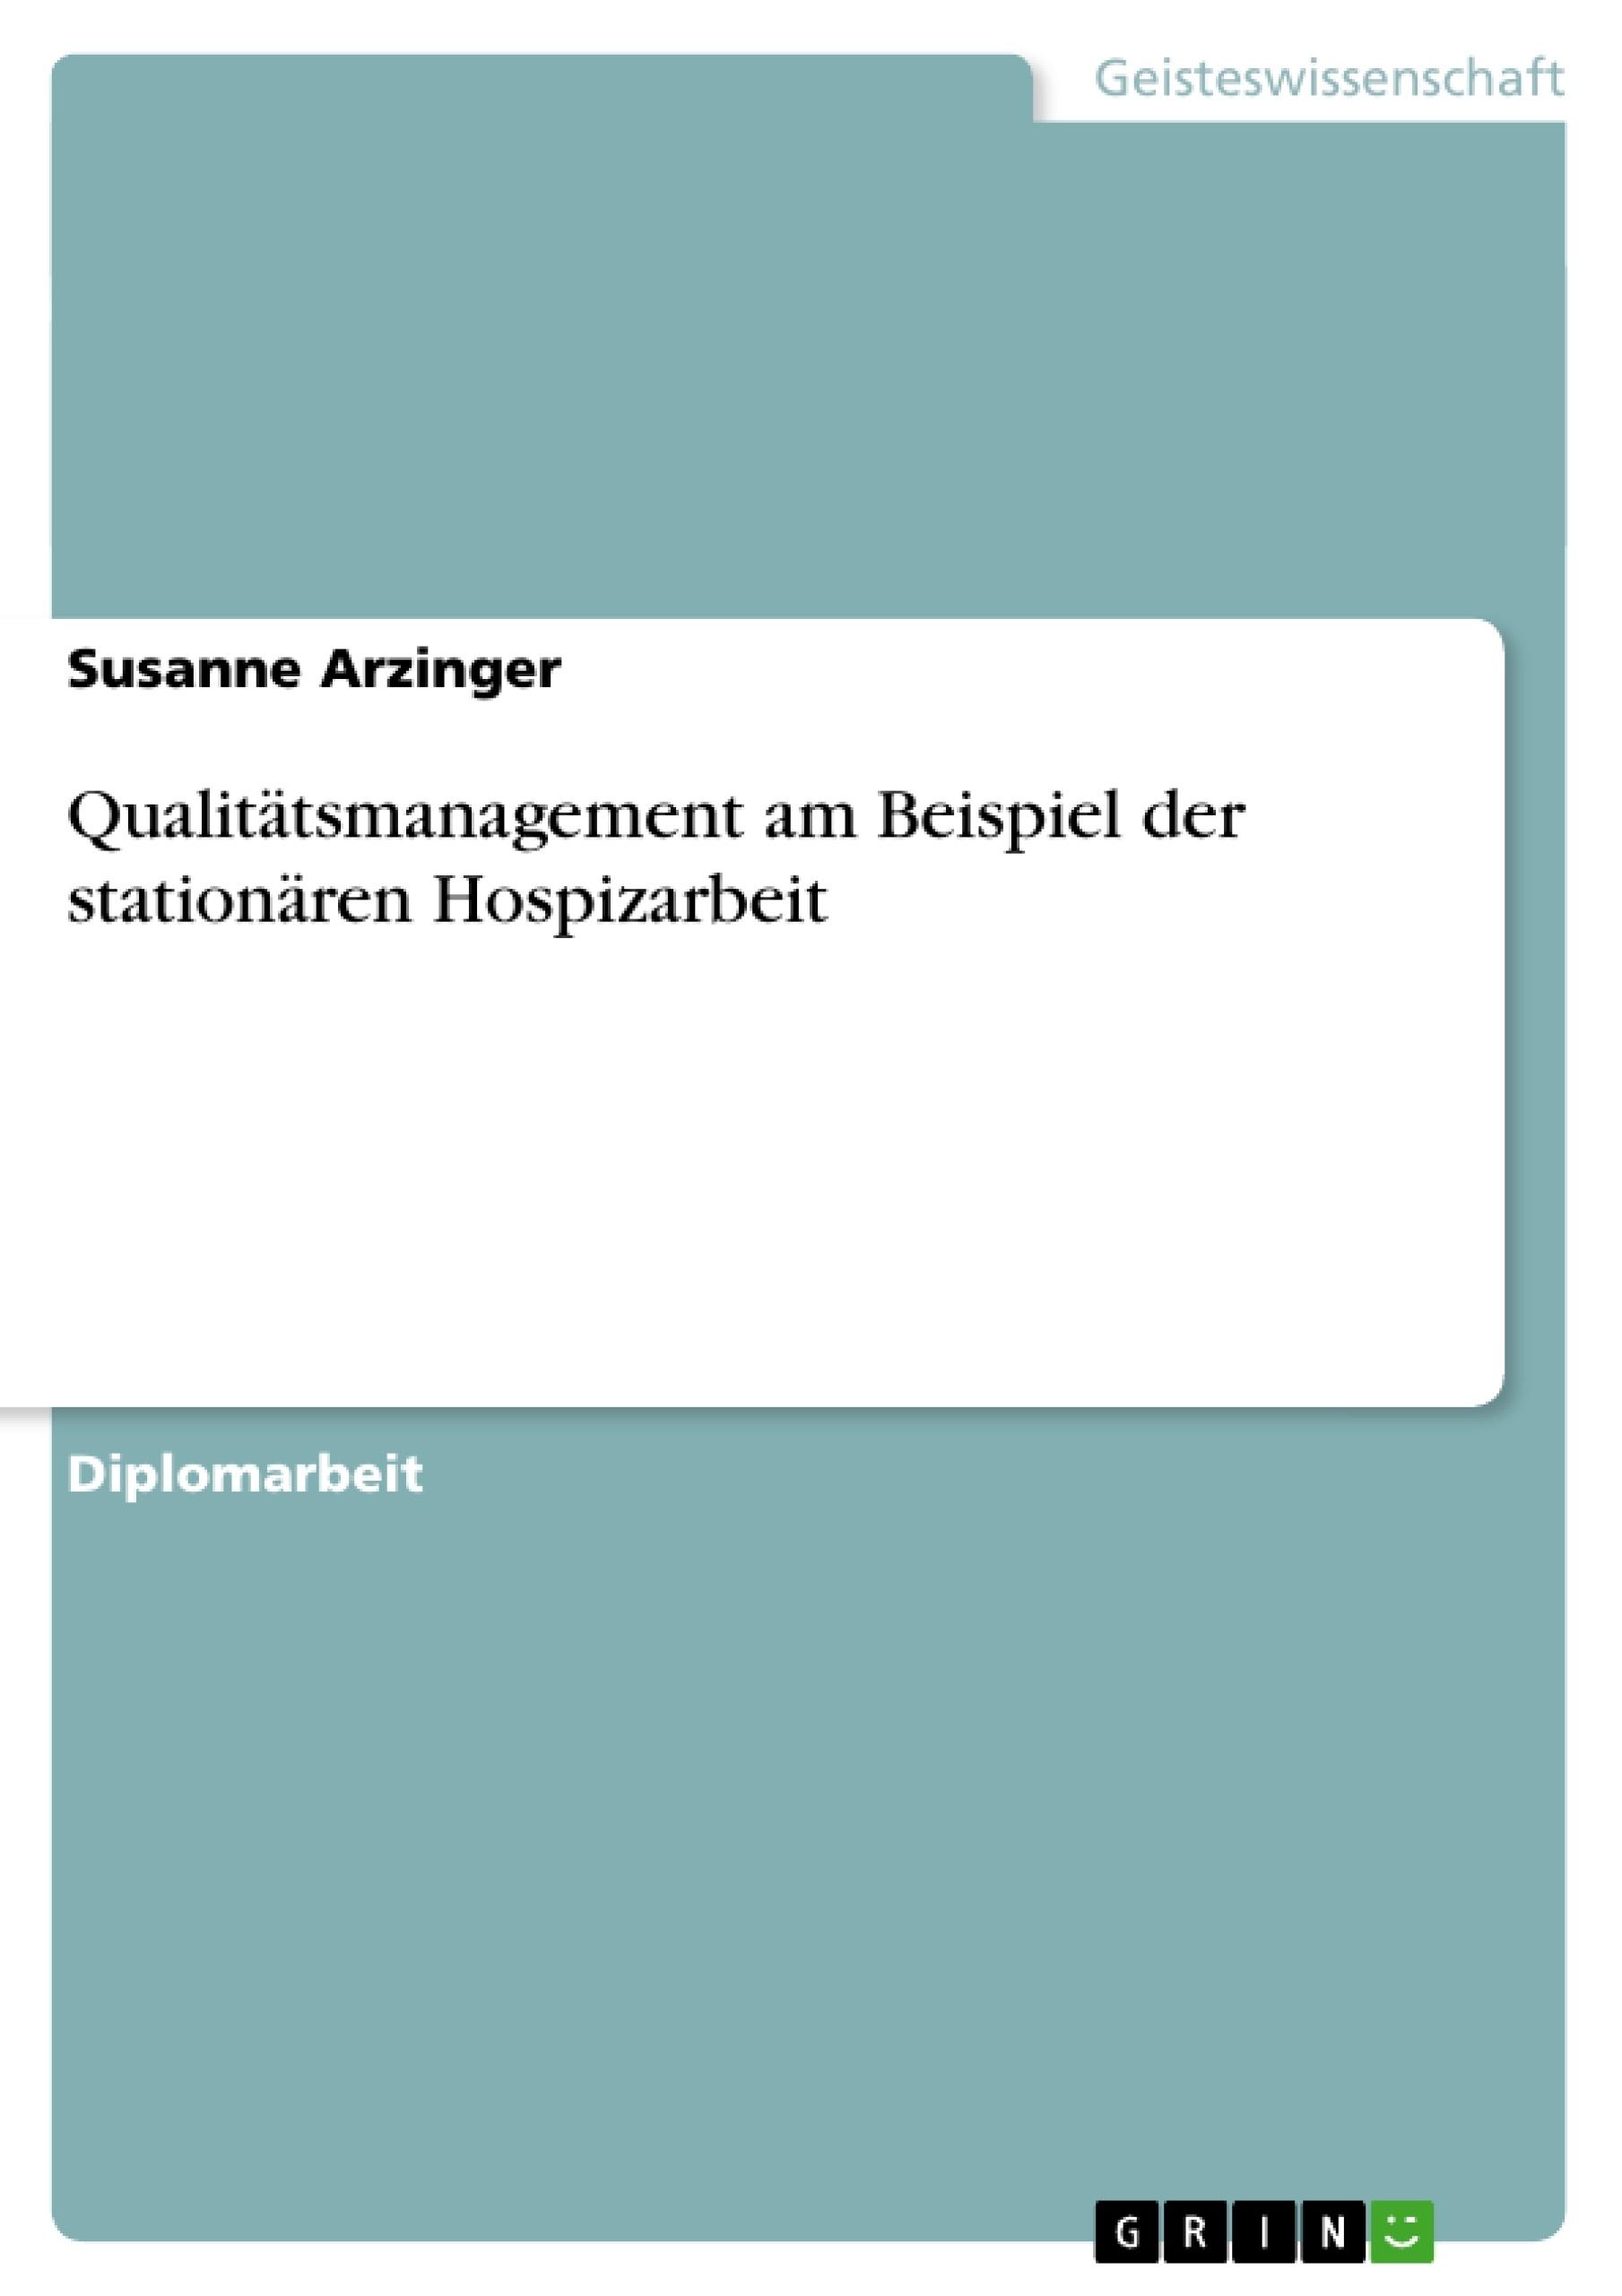 Qualitätsmanagement am Beispiel der stationären Hospizarbeit ...